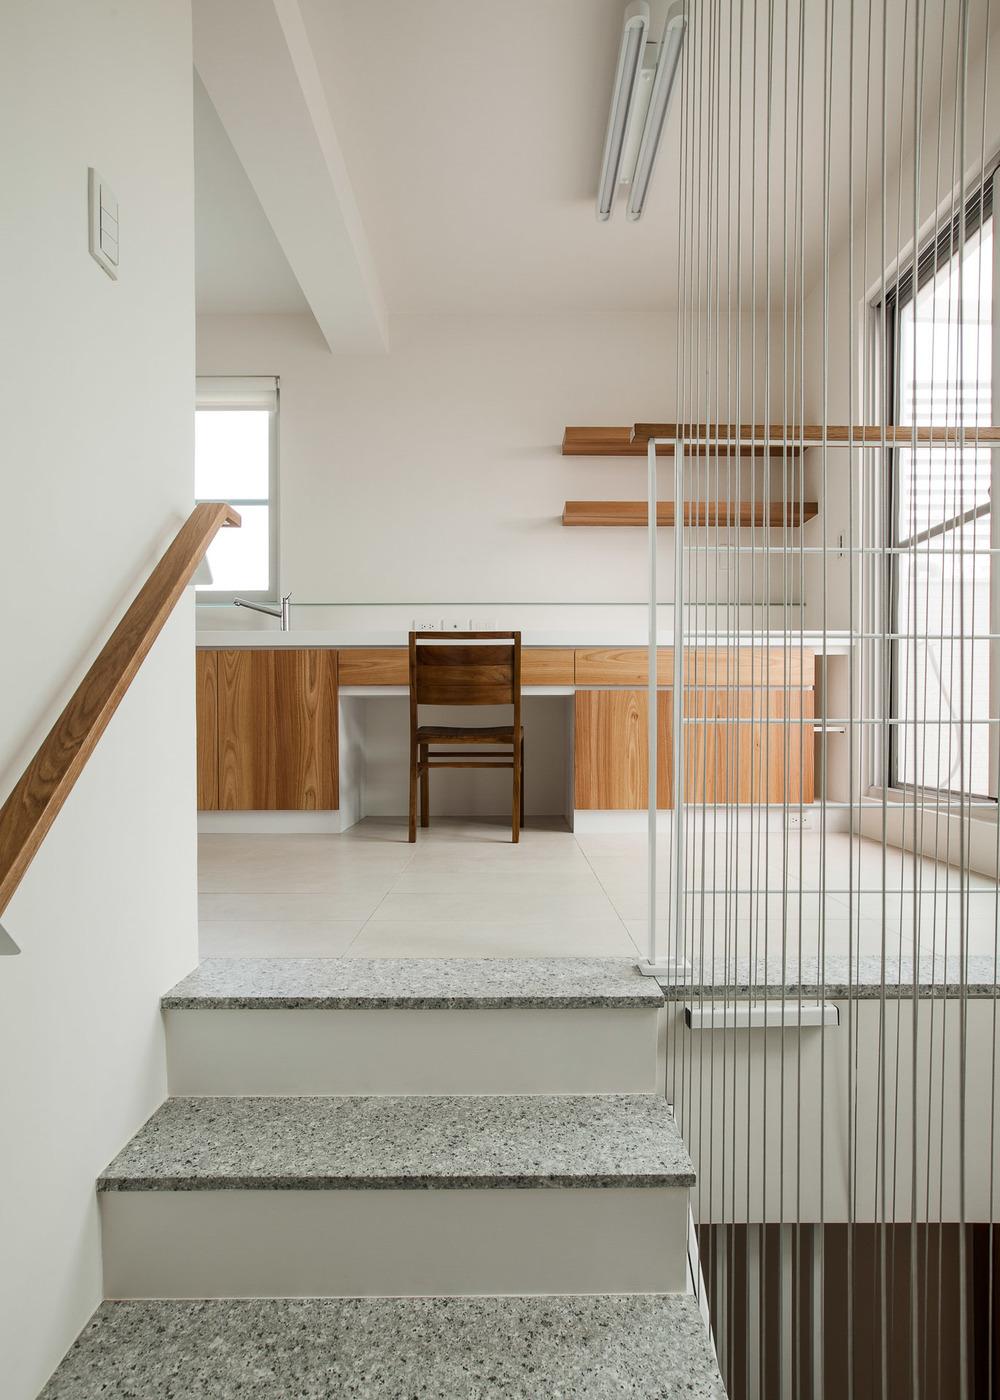 Interior-072.jpg